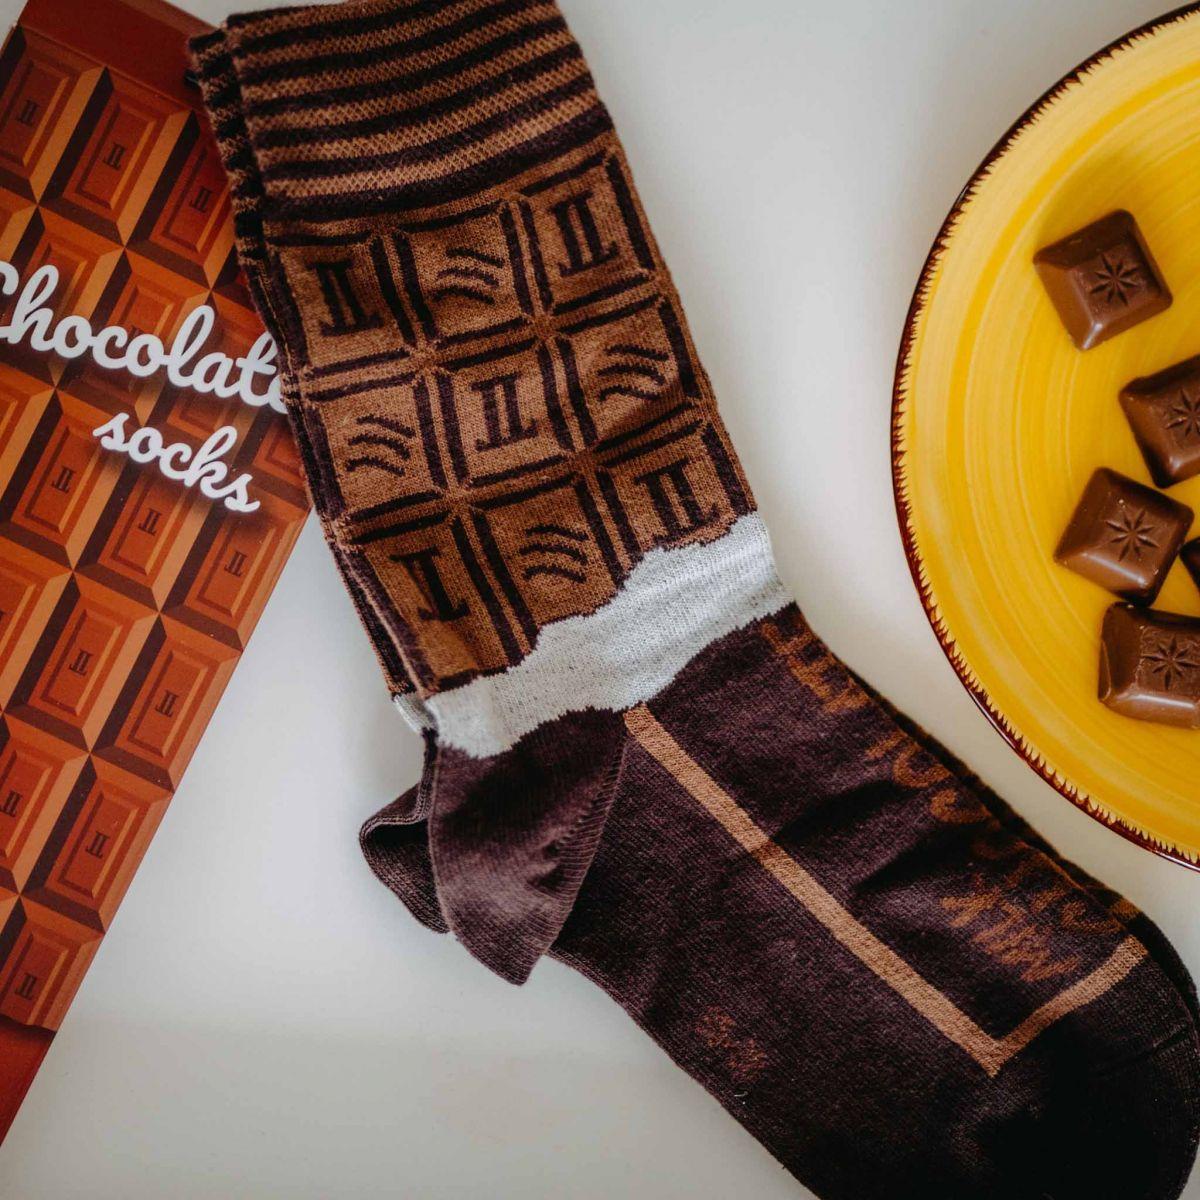 Ponožky - Čokoláda v dárkové krabičce p3